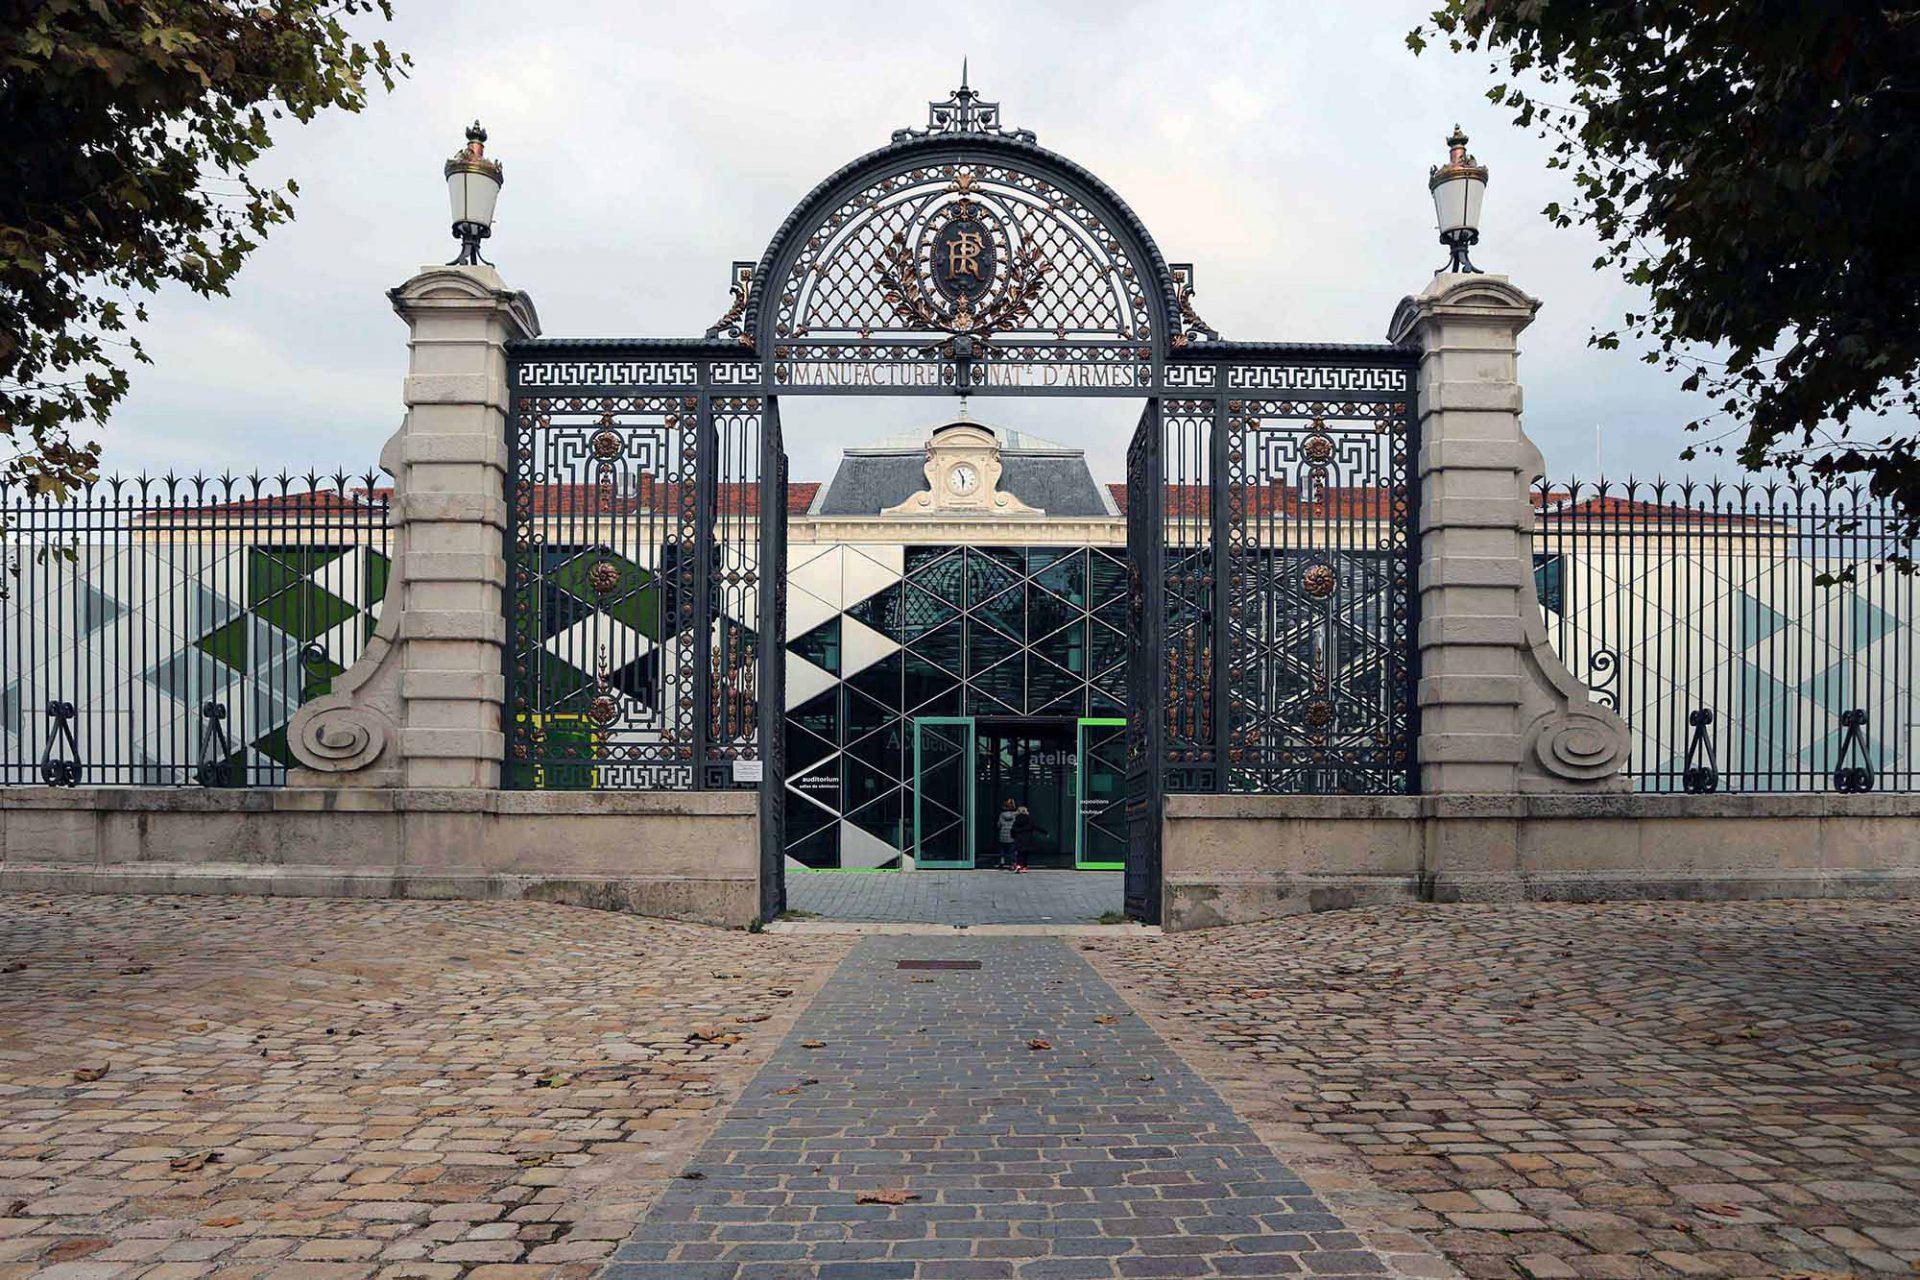 Cité du Design.  Hinter dem schmiedeeisernen Tor beginnt die neue Geschichte der Stadt.